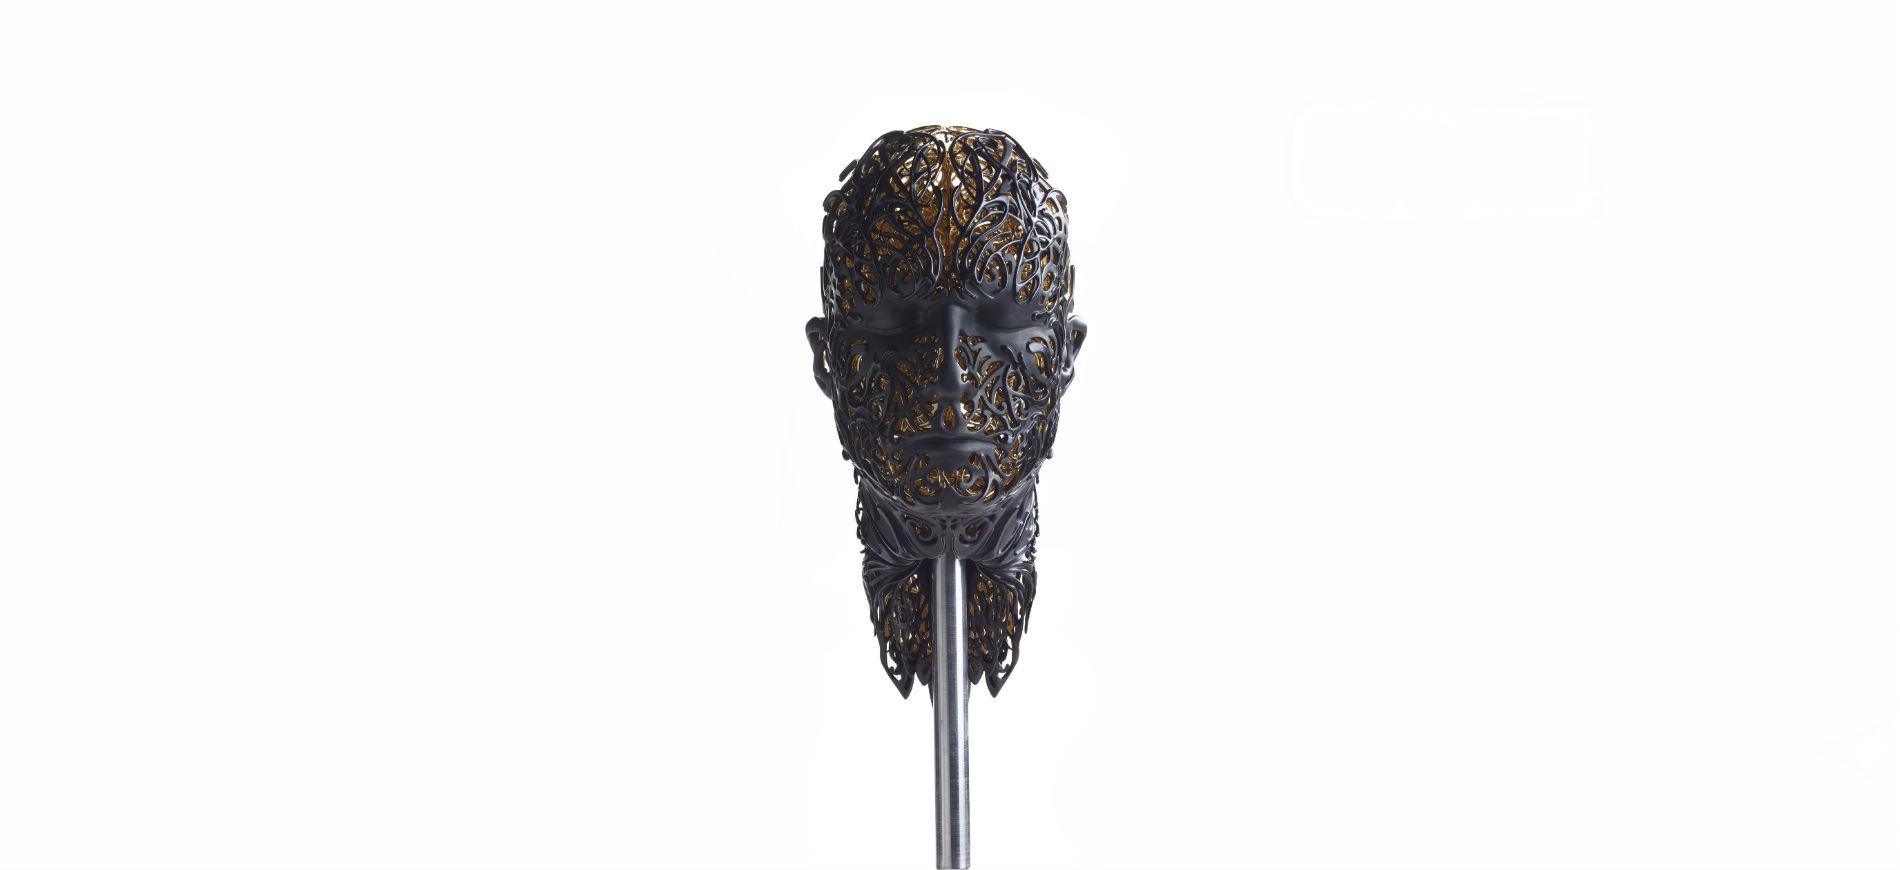 L'opera d'arte dedicata all'art performer e autore del pluripremiato ciclo di film The Cremaster Matthew Barney,realizzata da Damiani in collaborazione con l'artista Barry X Ball